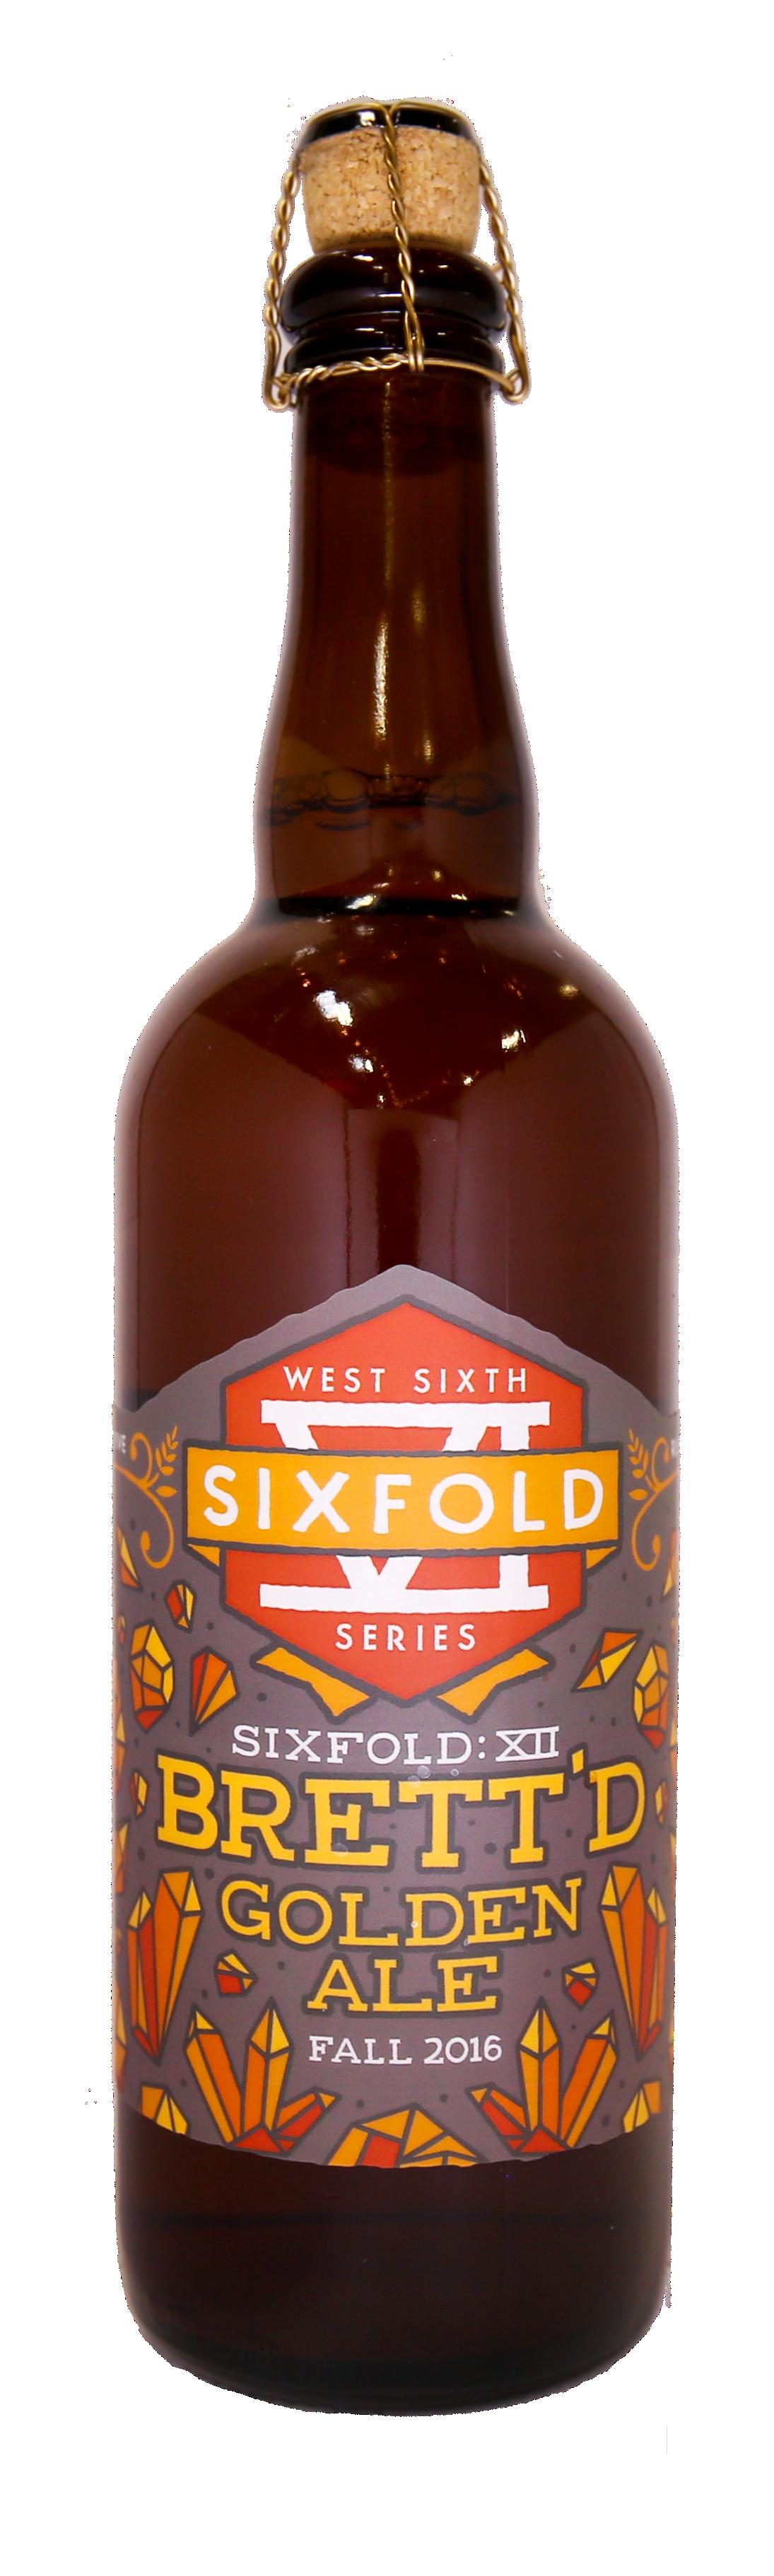 bottle2017-sixfoldXII-brettdgolden.png